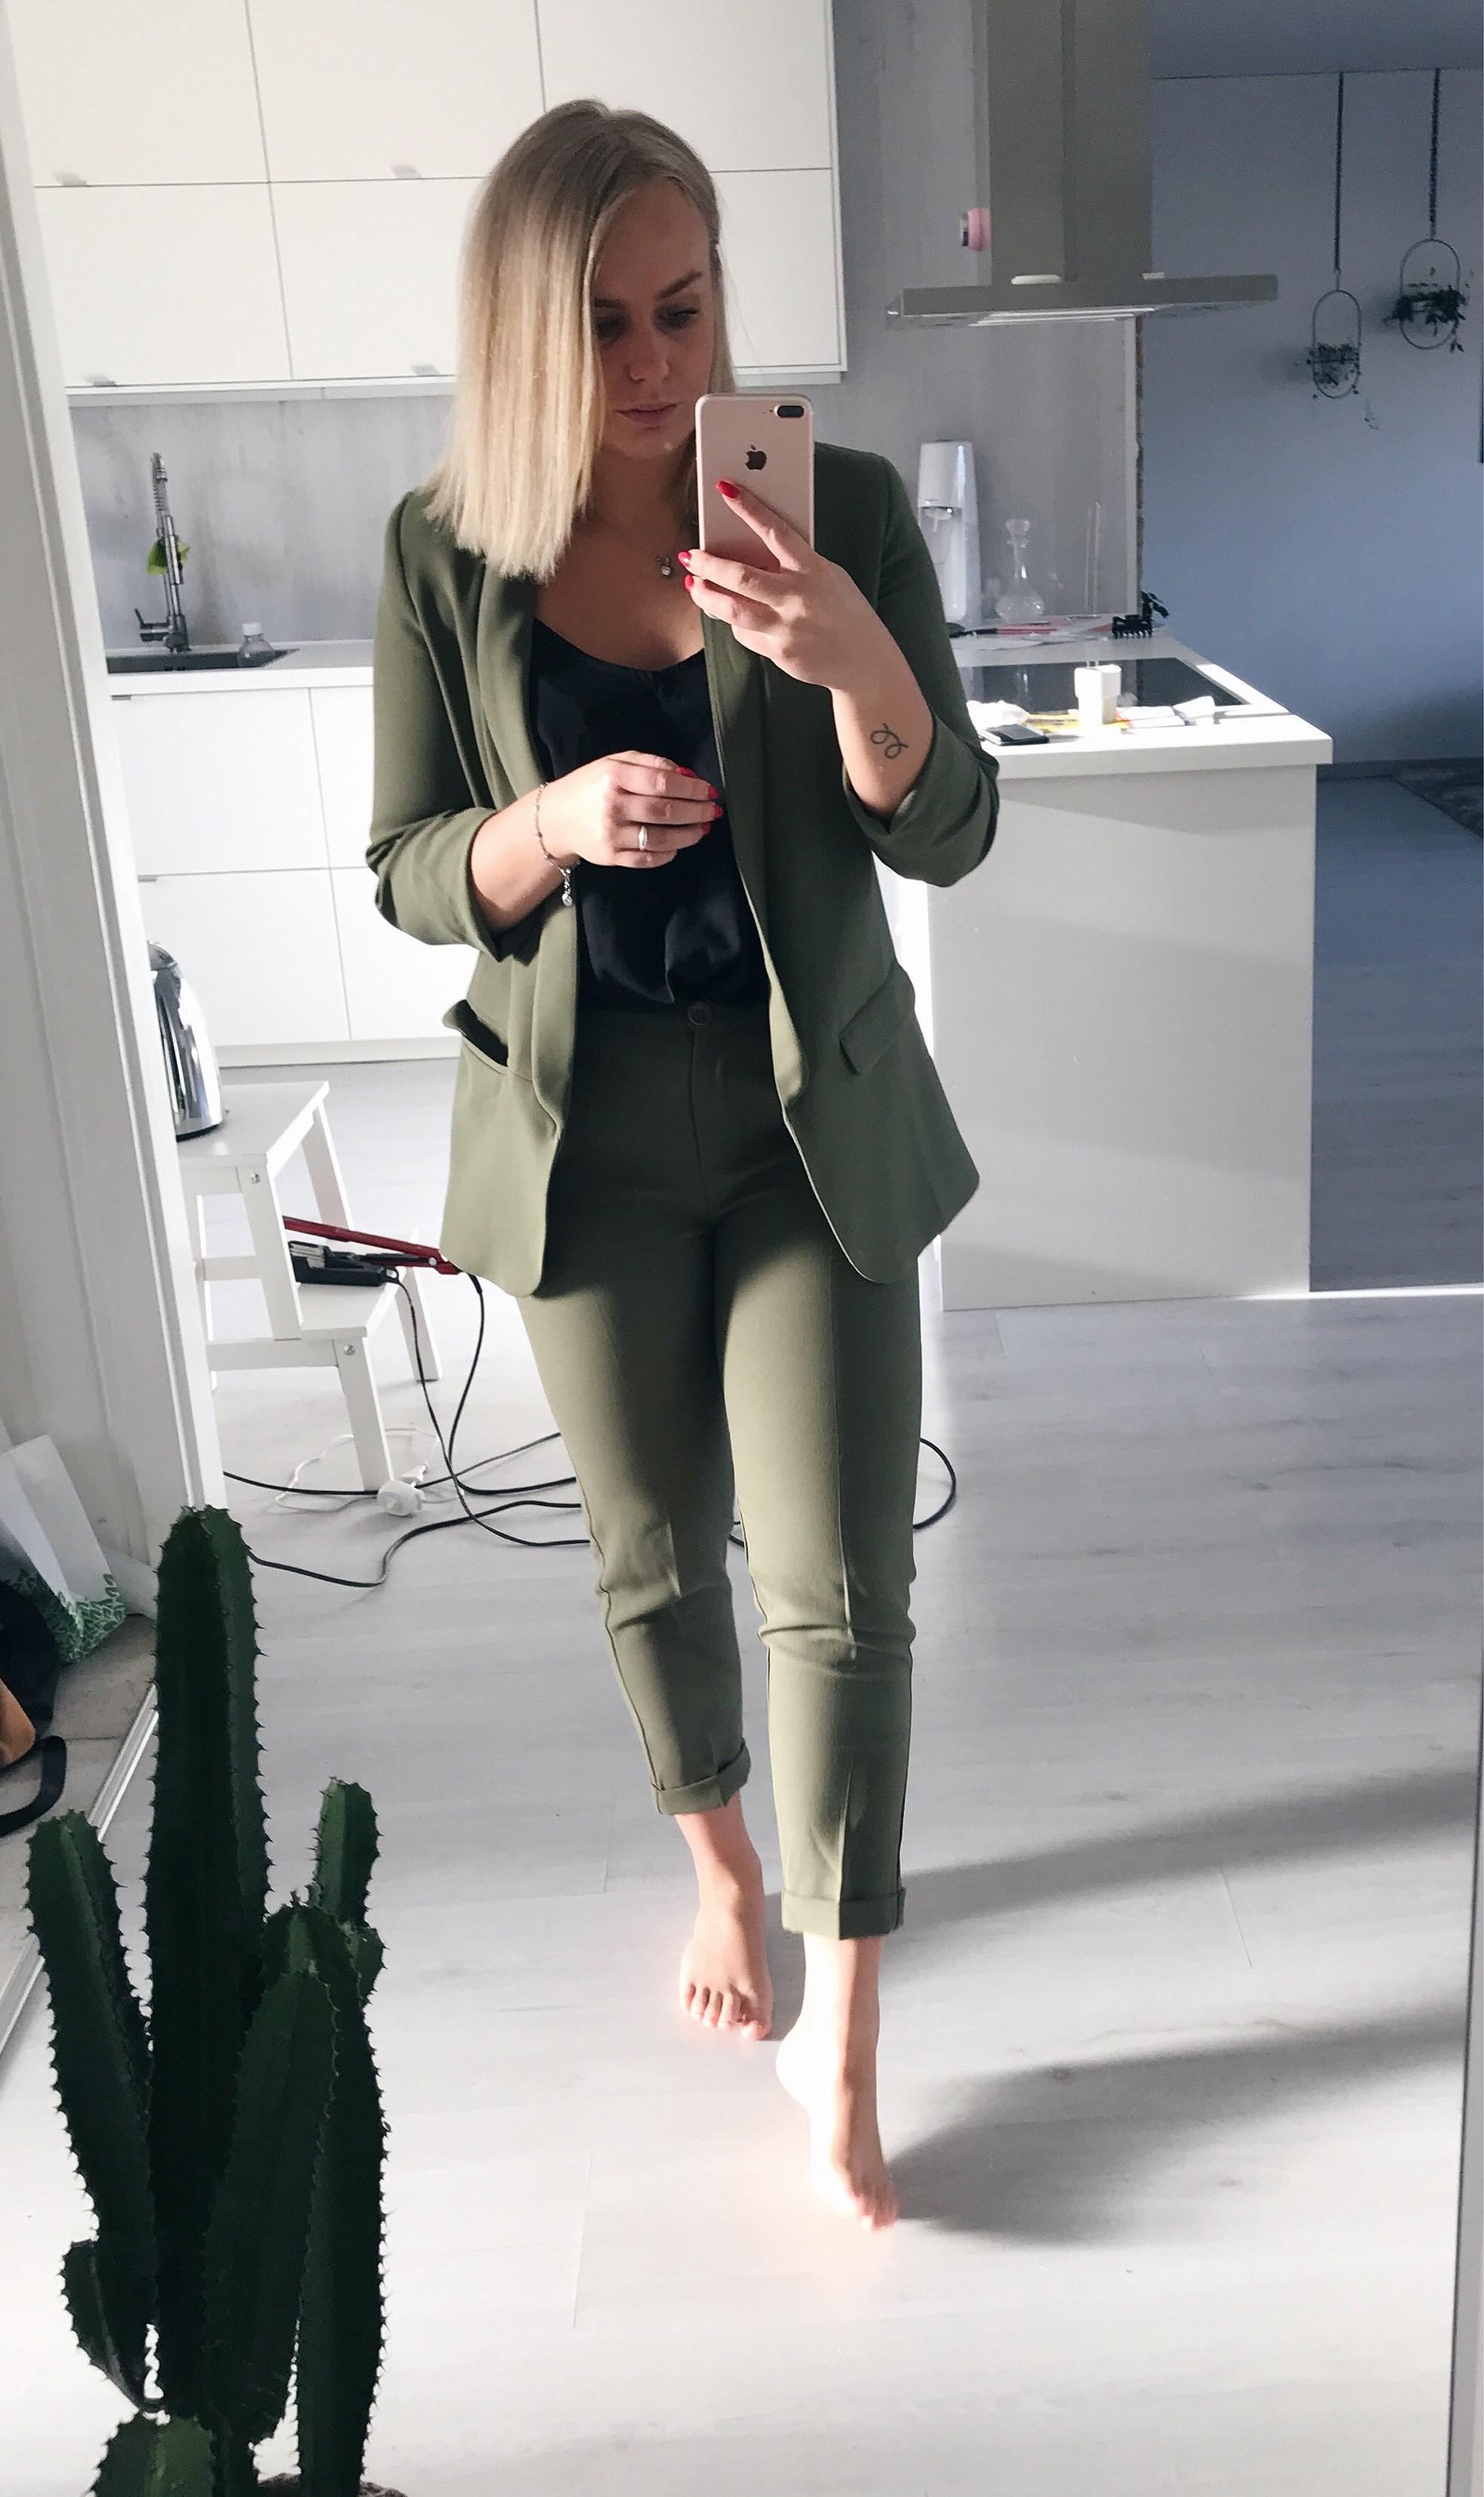 Grön kostym och grillpremiär